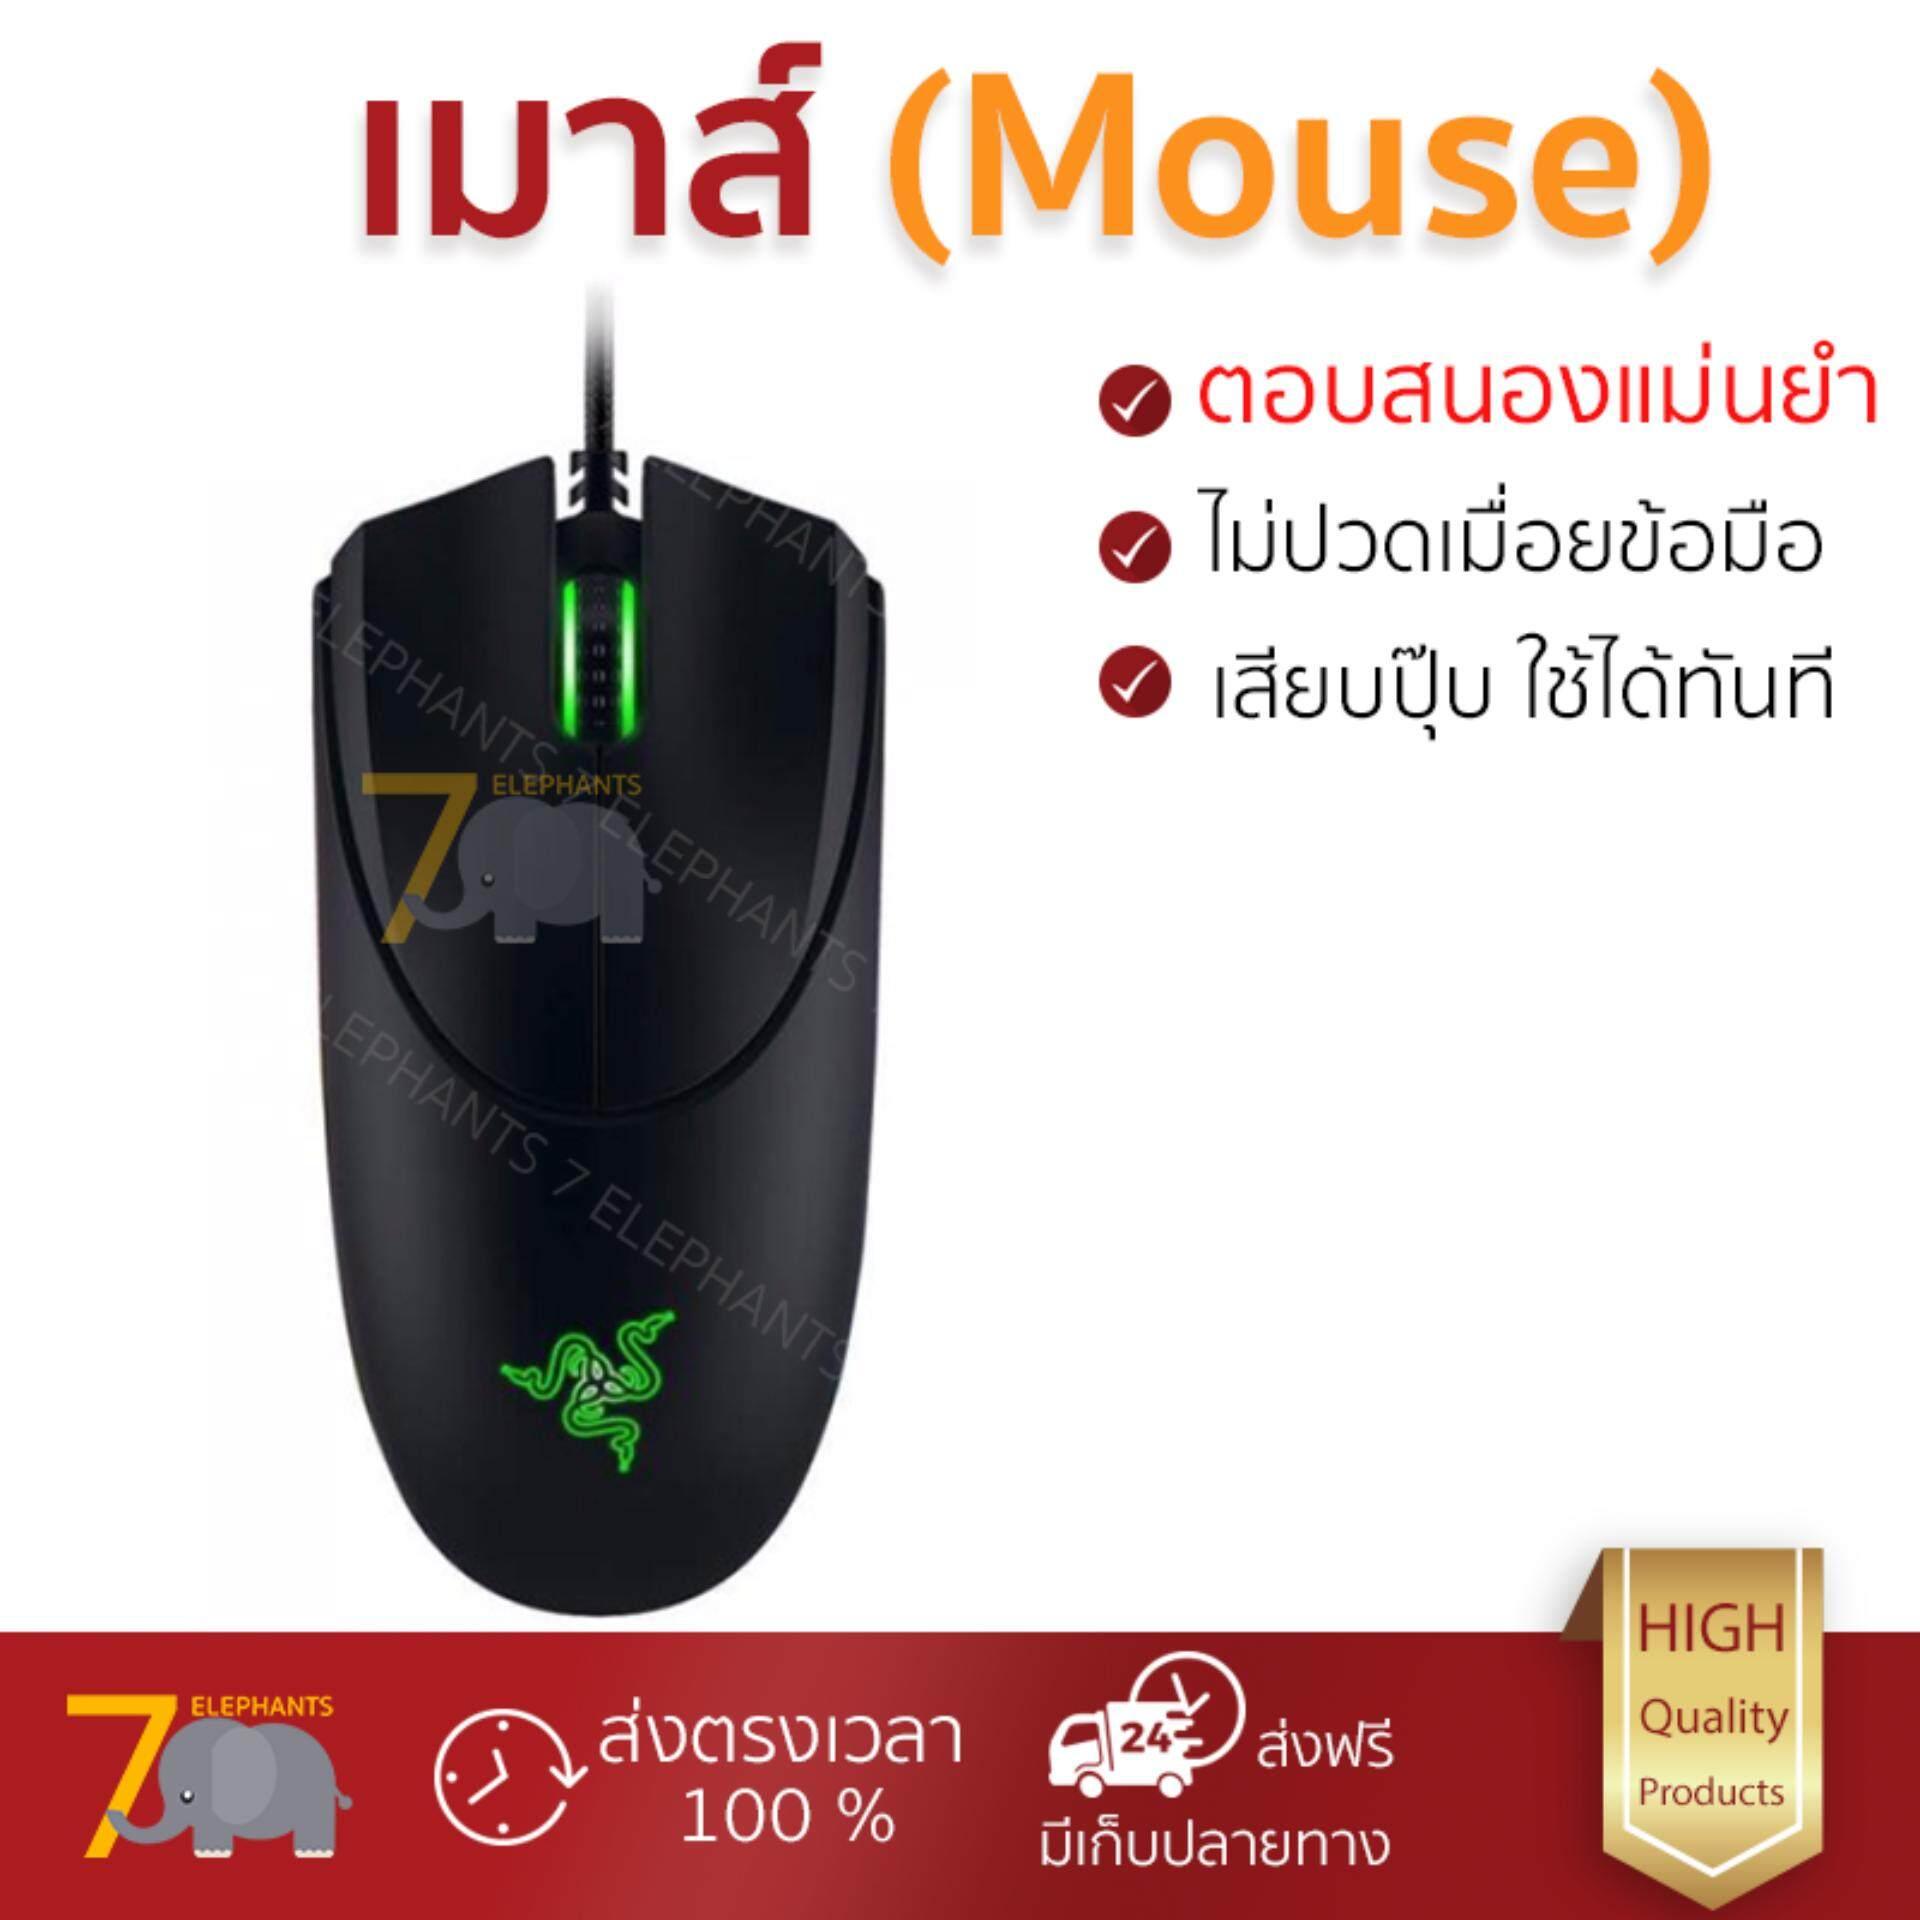 ขายดีมาก! รุ่นใหม่ล่าสุด เมาส์           RAZER เมาส์เกมมิ่ง (สีดำ) Diamondback             เซนเซอร์คุณภาพสูง ทำงานได้ลื่นไหล ไม่มีสะดุด Computer Mouse  รับประกันสินค้า 1 ปี จัดส่งฟรี Kerry ทั่วประเทศ